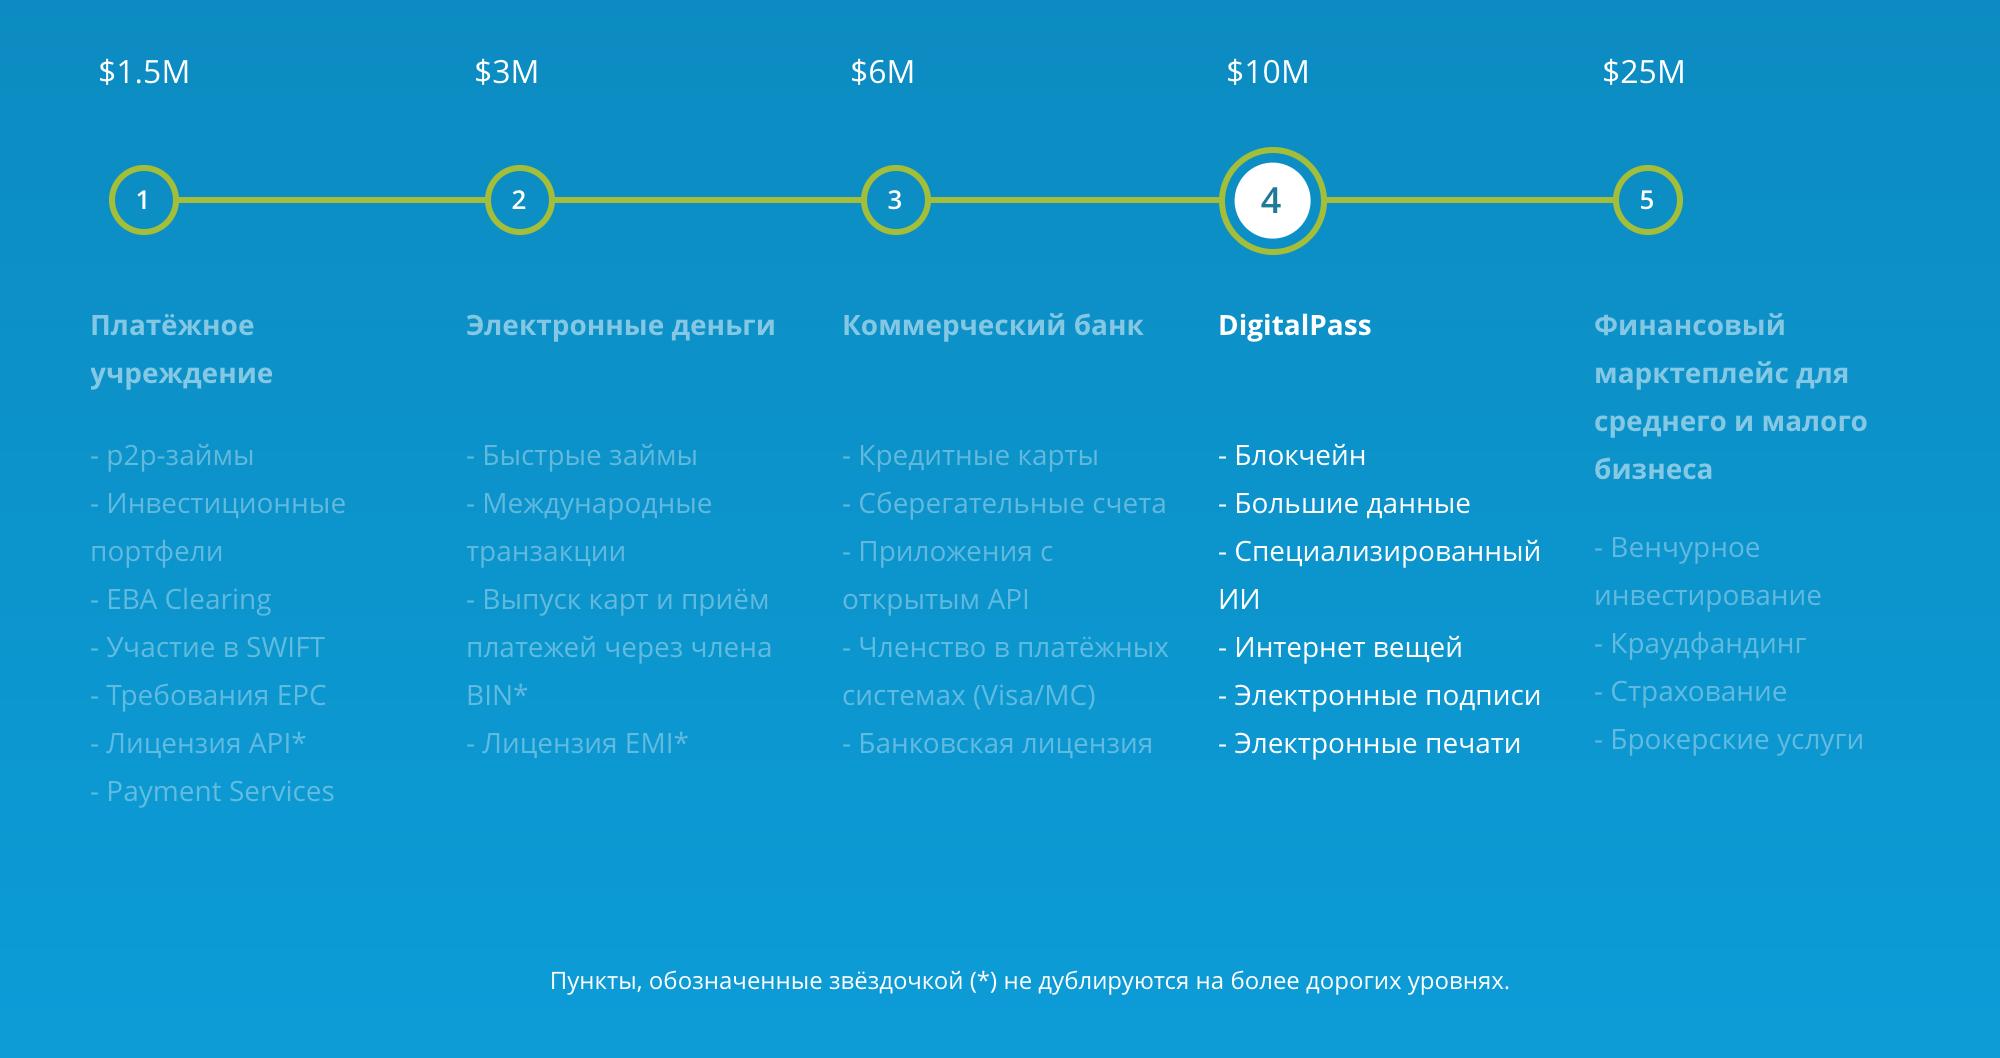 «Дорожная карта» проекта — план компании по созданию европейского криптовалютного банка